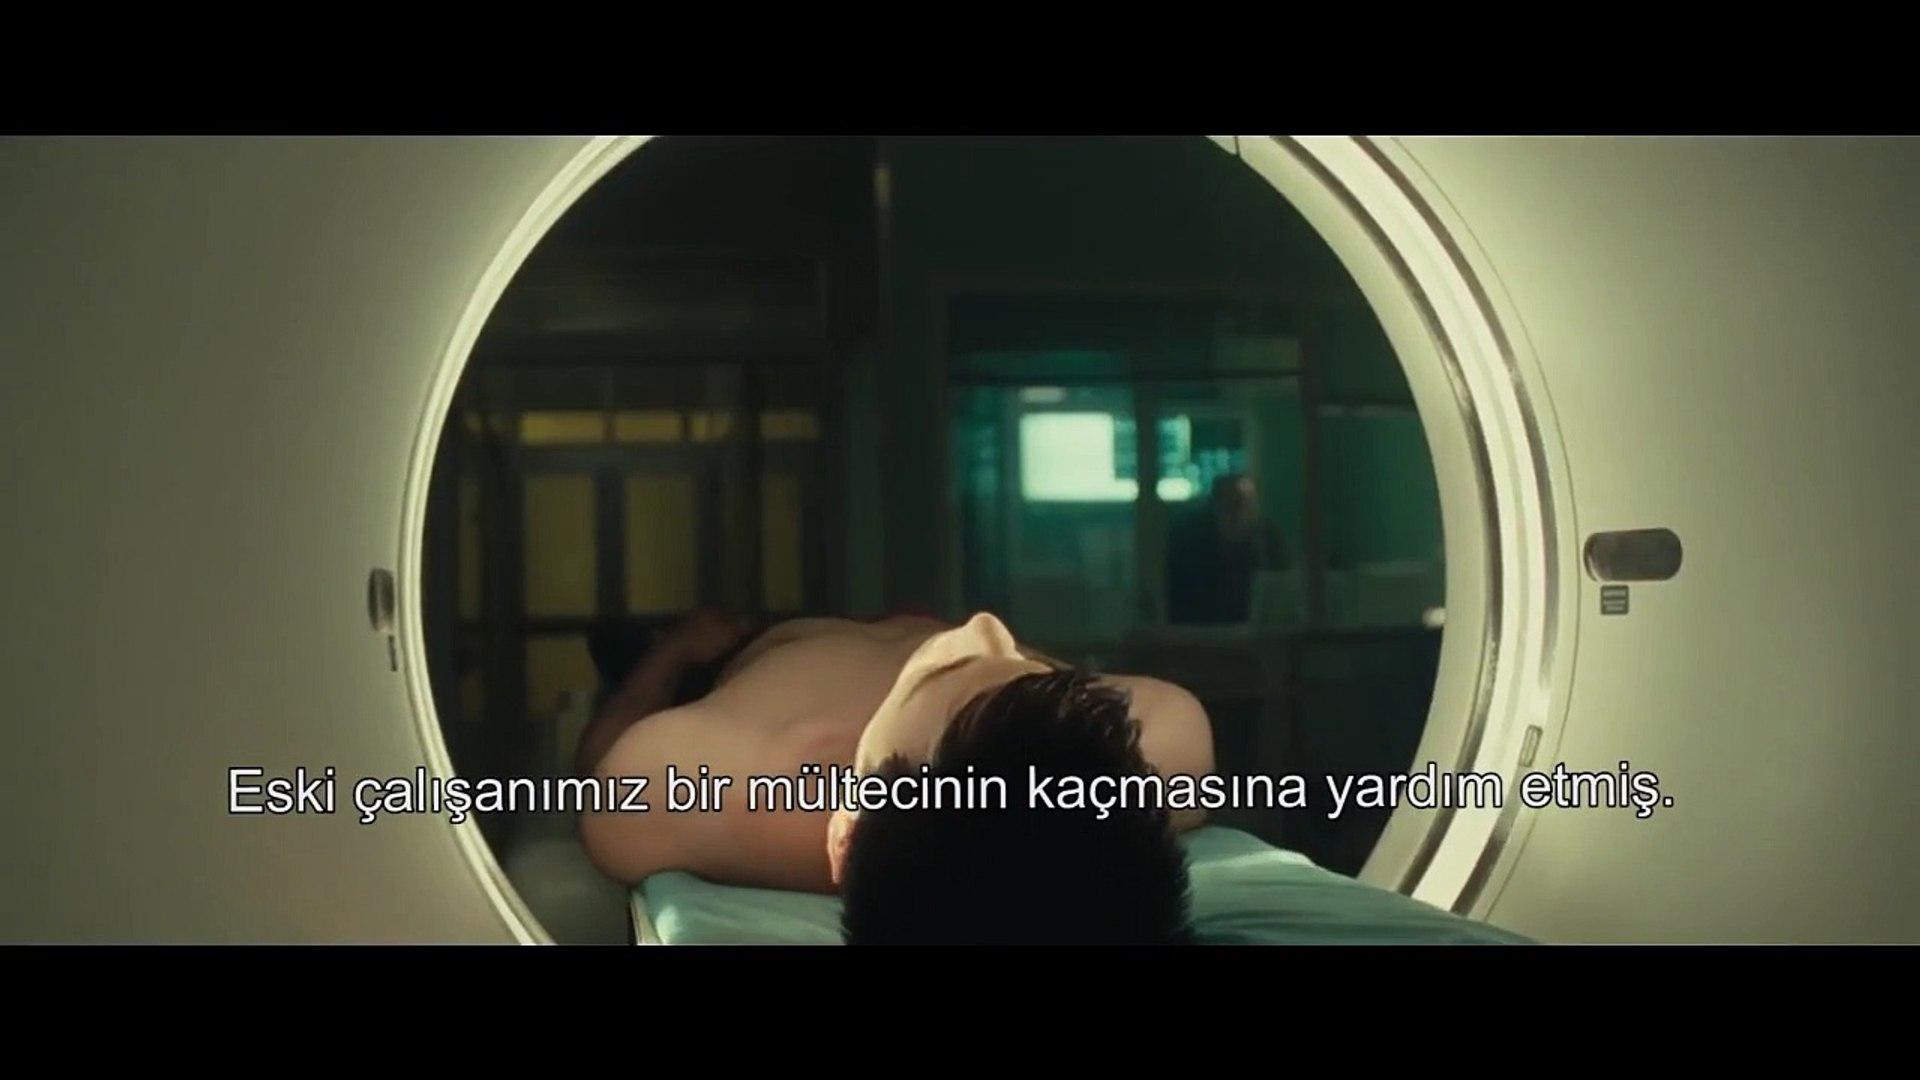 Jüpiter'in Uydusu (2017) Türkçe Altyazılı Fragman